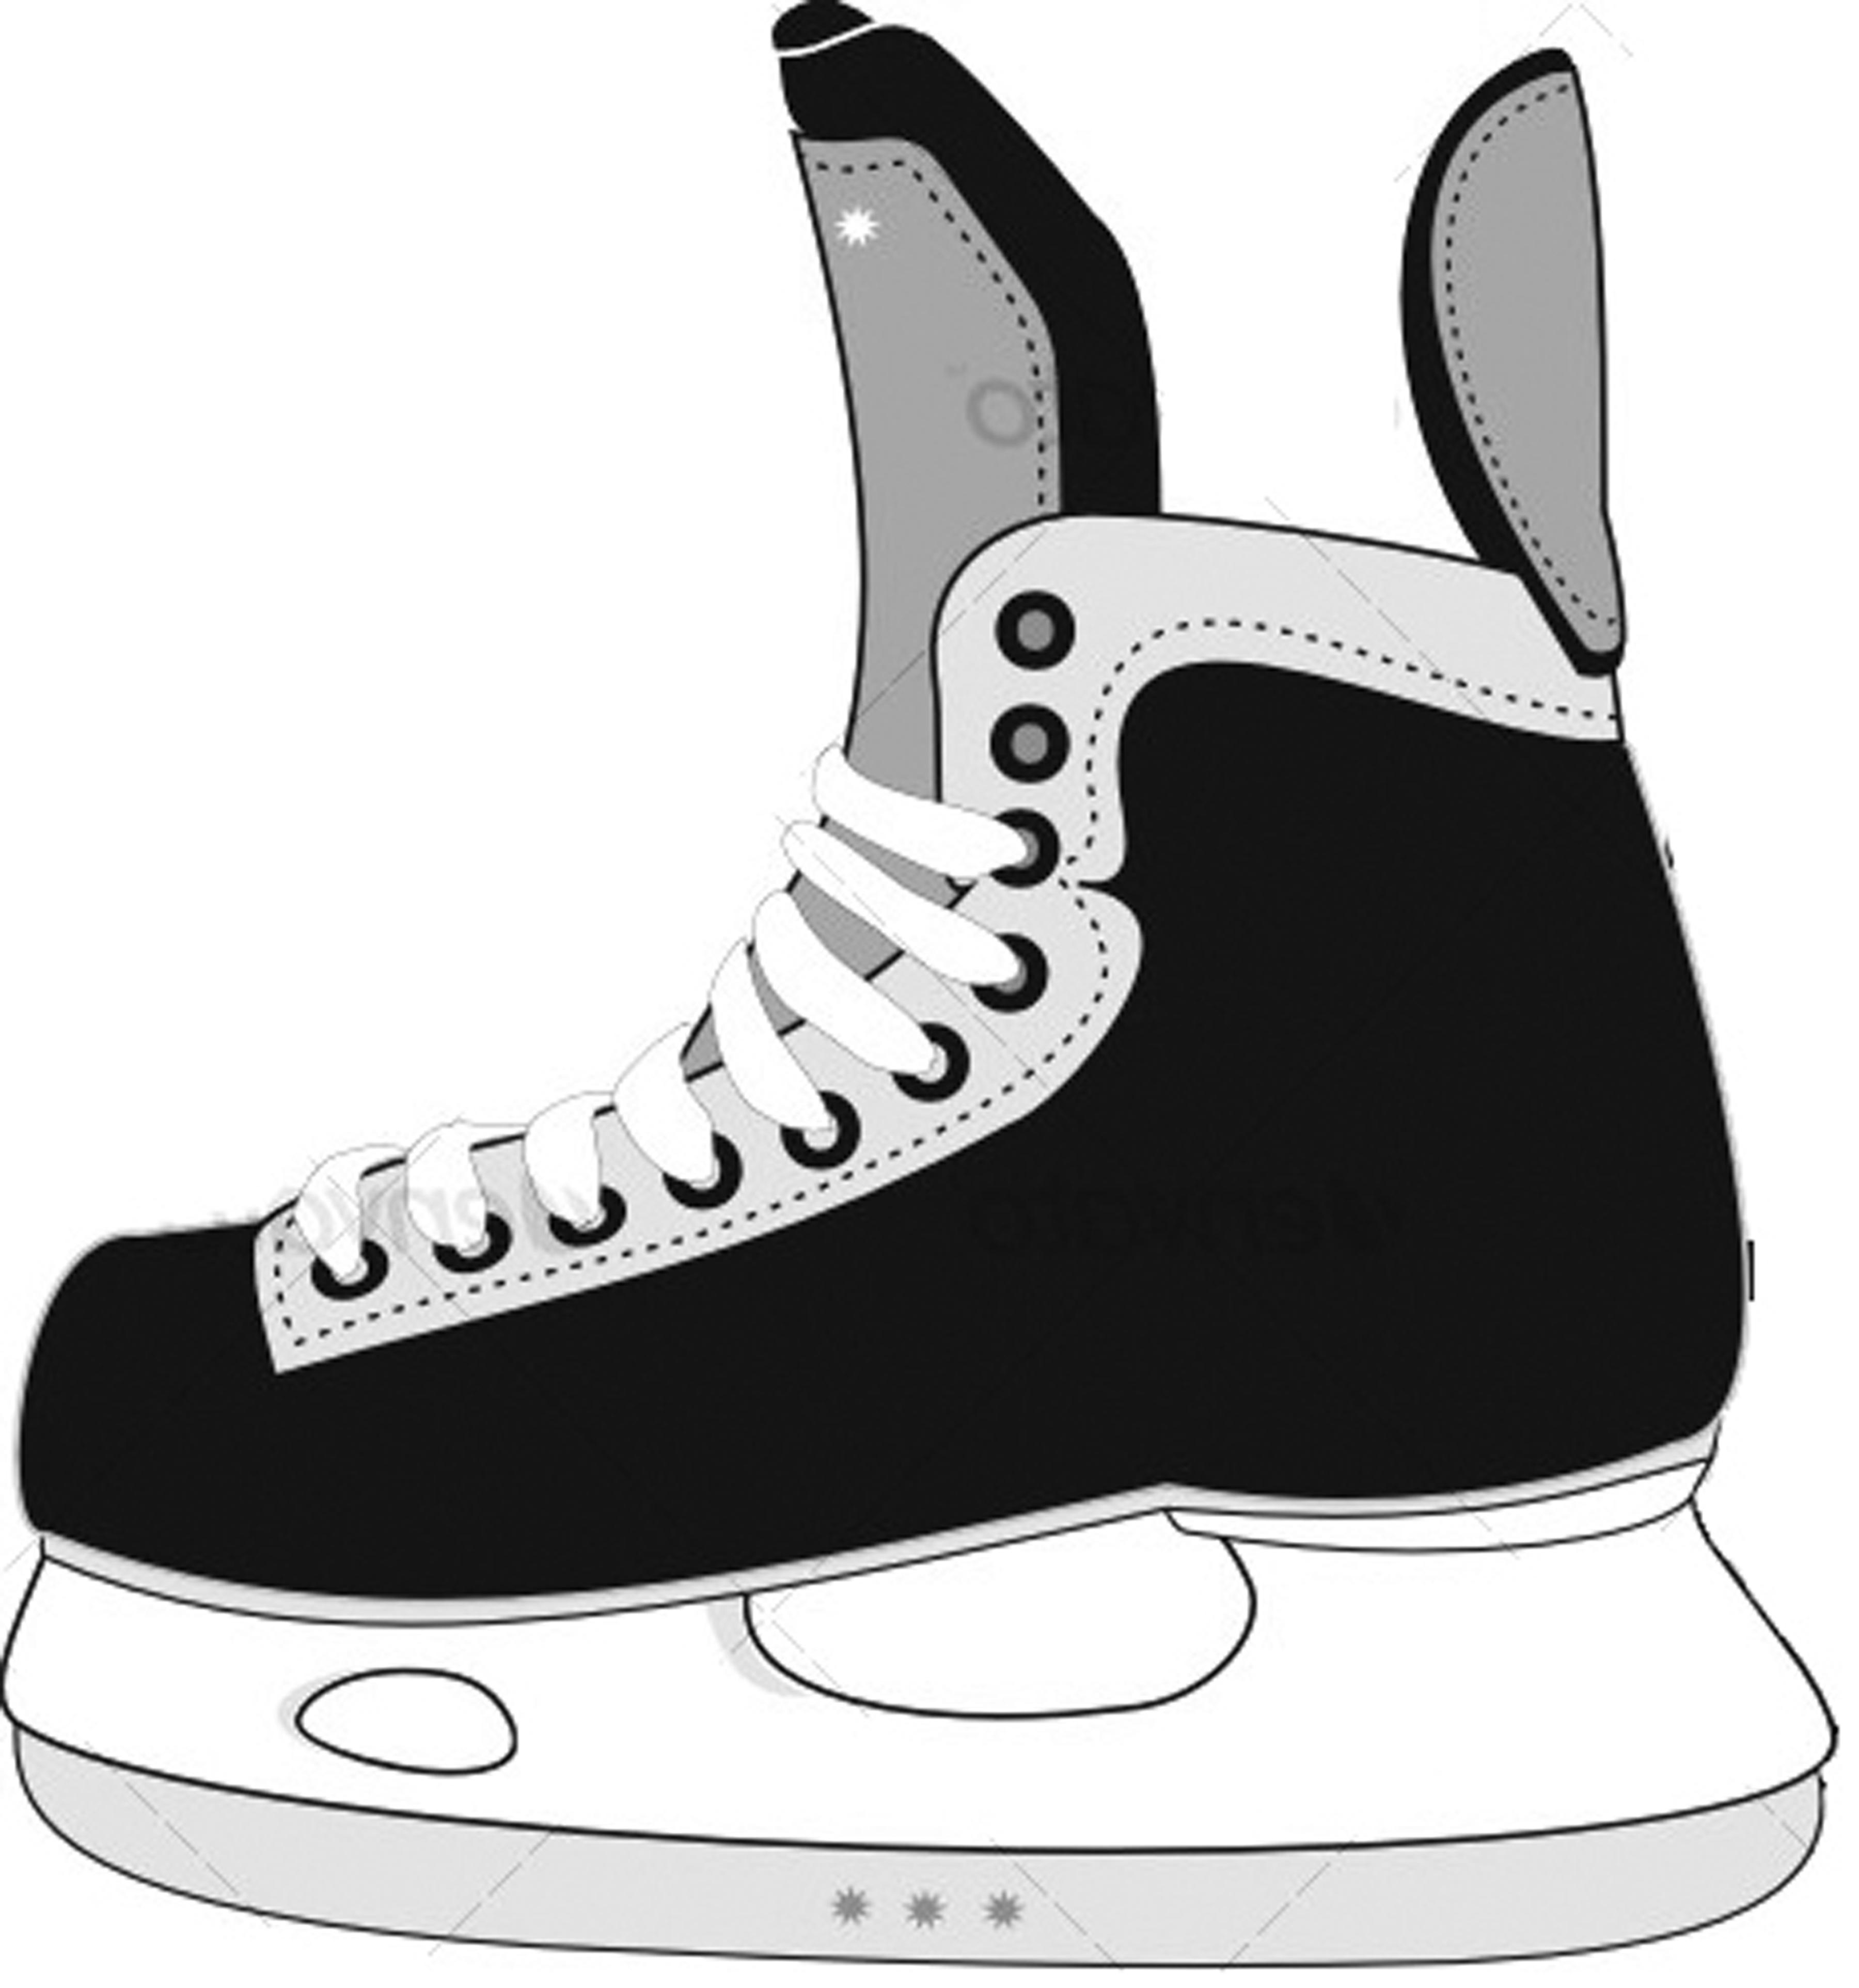 Ice Hockey Skates Clipart.